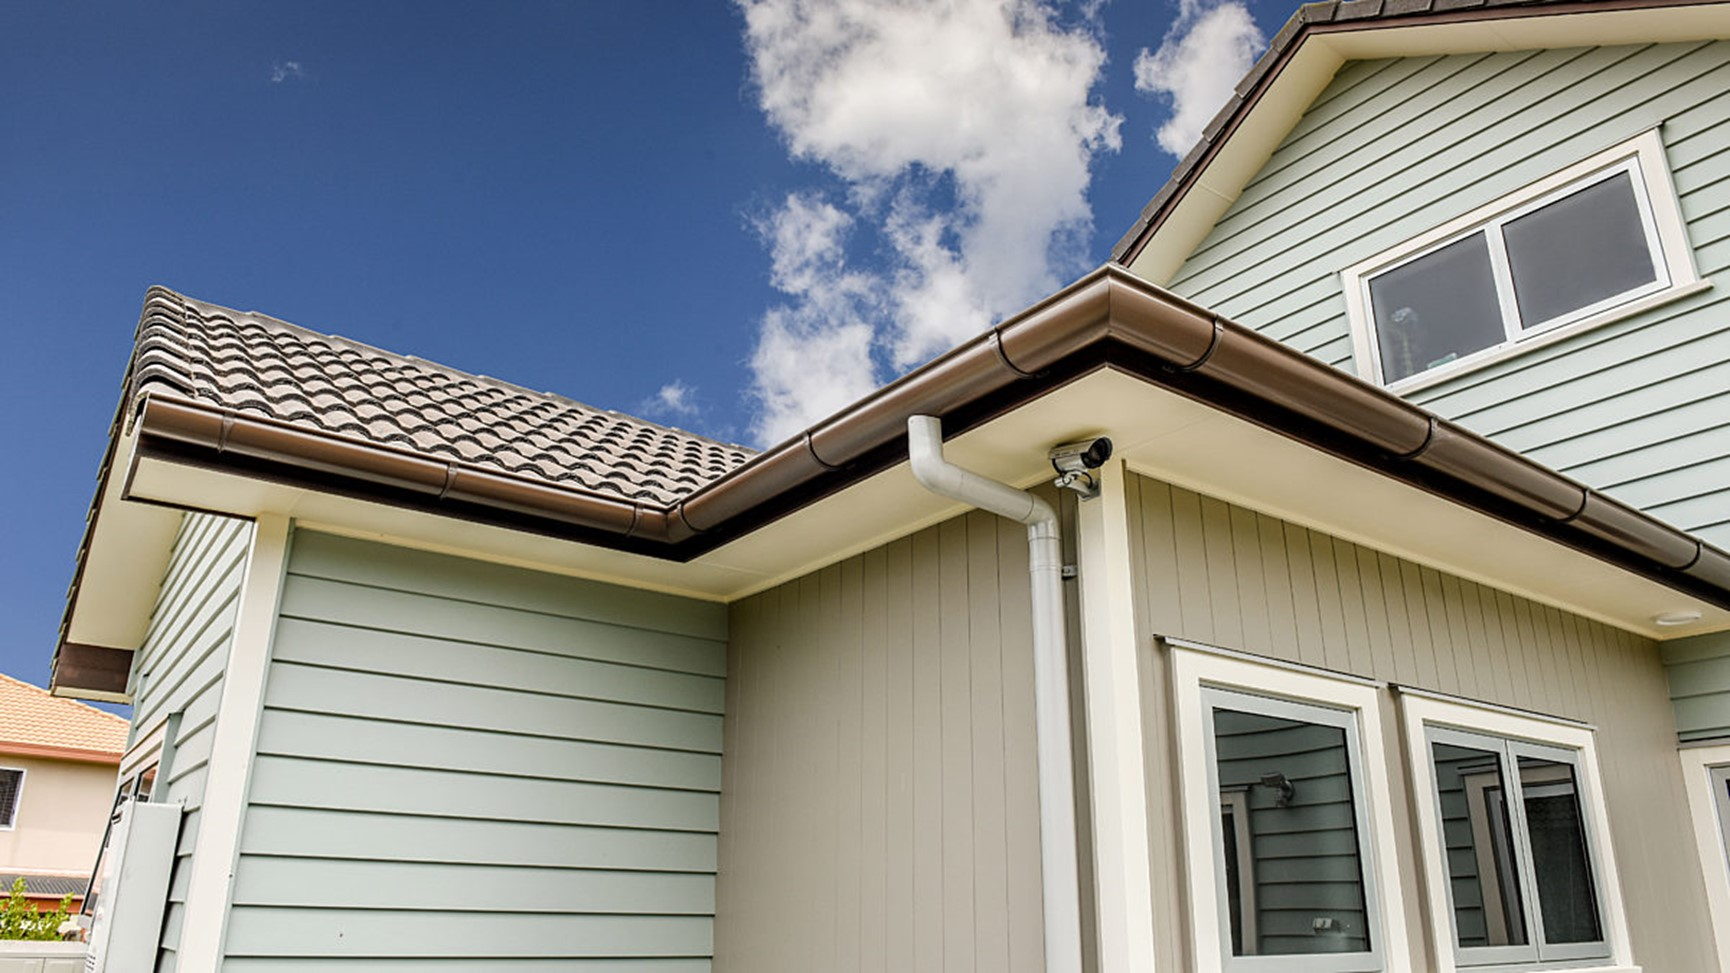 外墙翻新 建筑外墙材料 健康住房标准